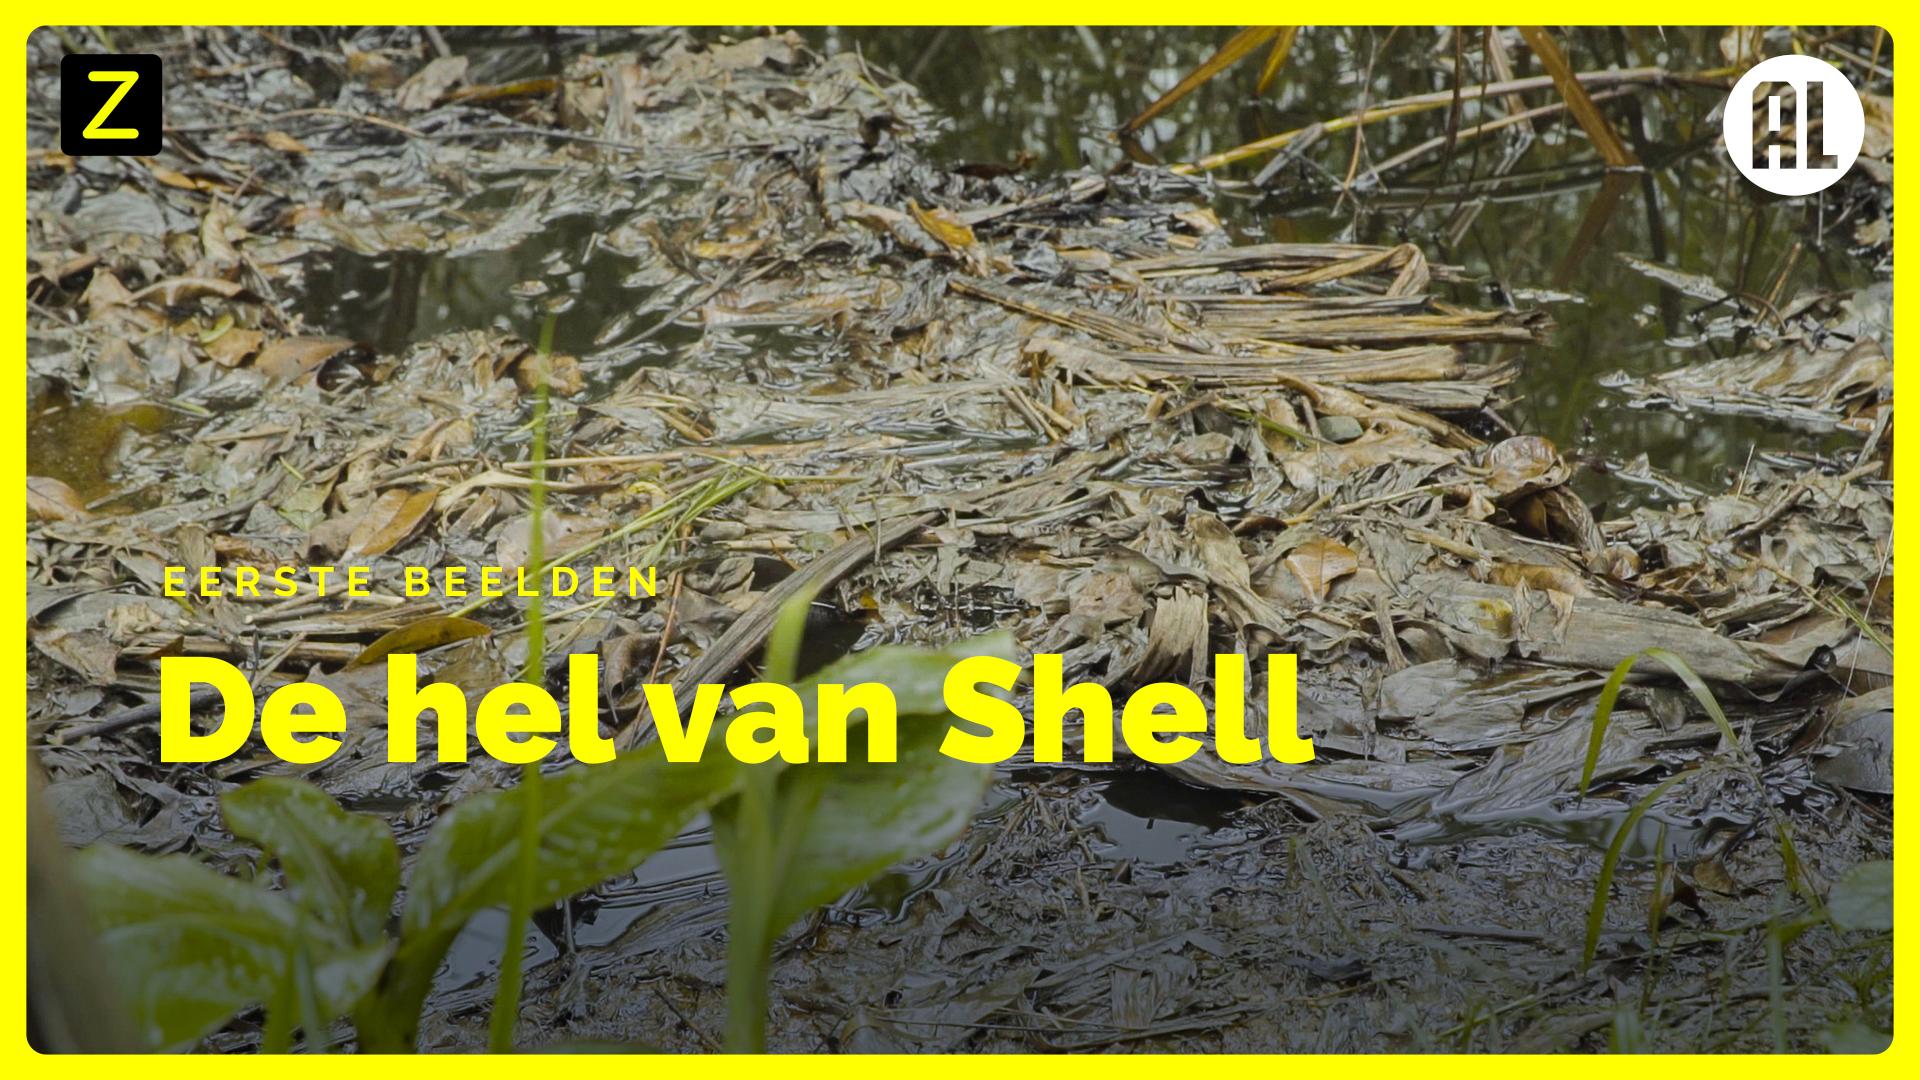 Eerste beelden uit 'De hel van Shell'